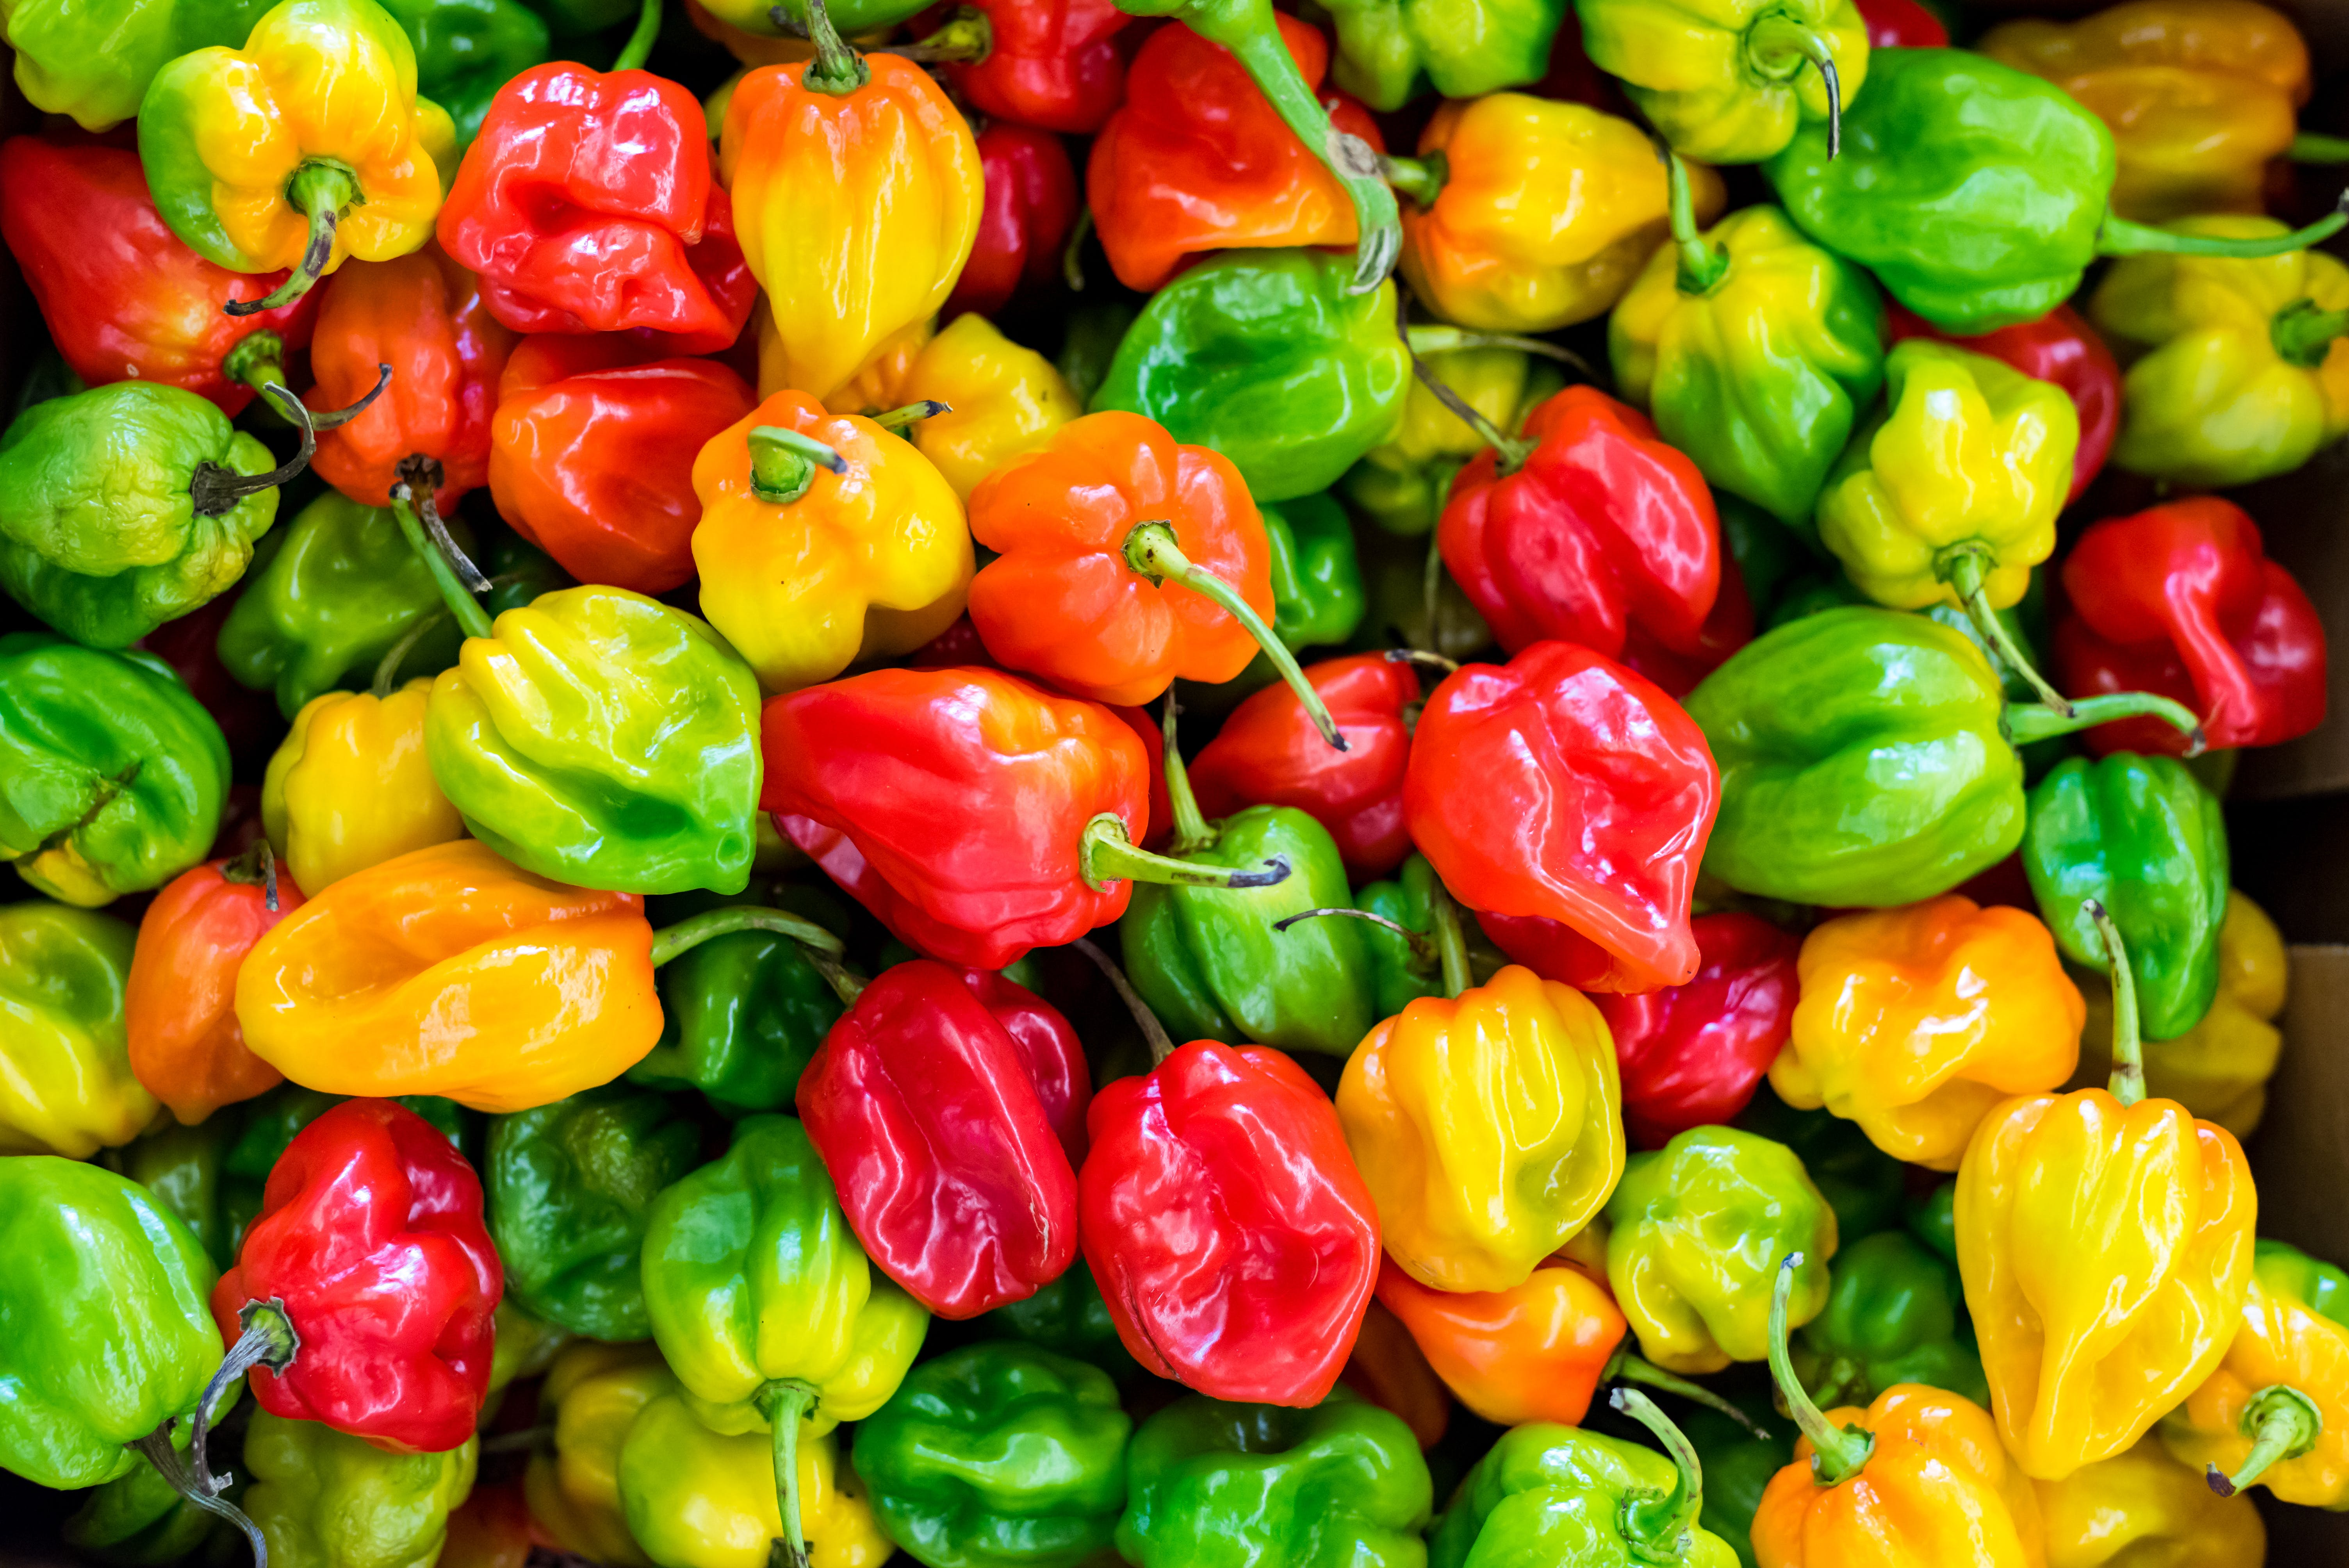 Fotos de stock gratuitas de atractivo, colorido, comida, especia